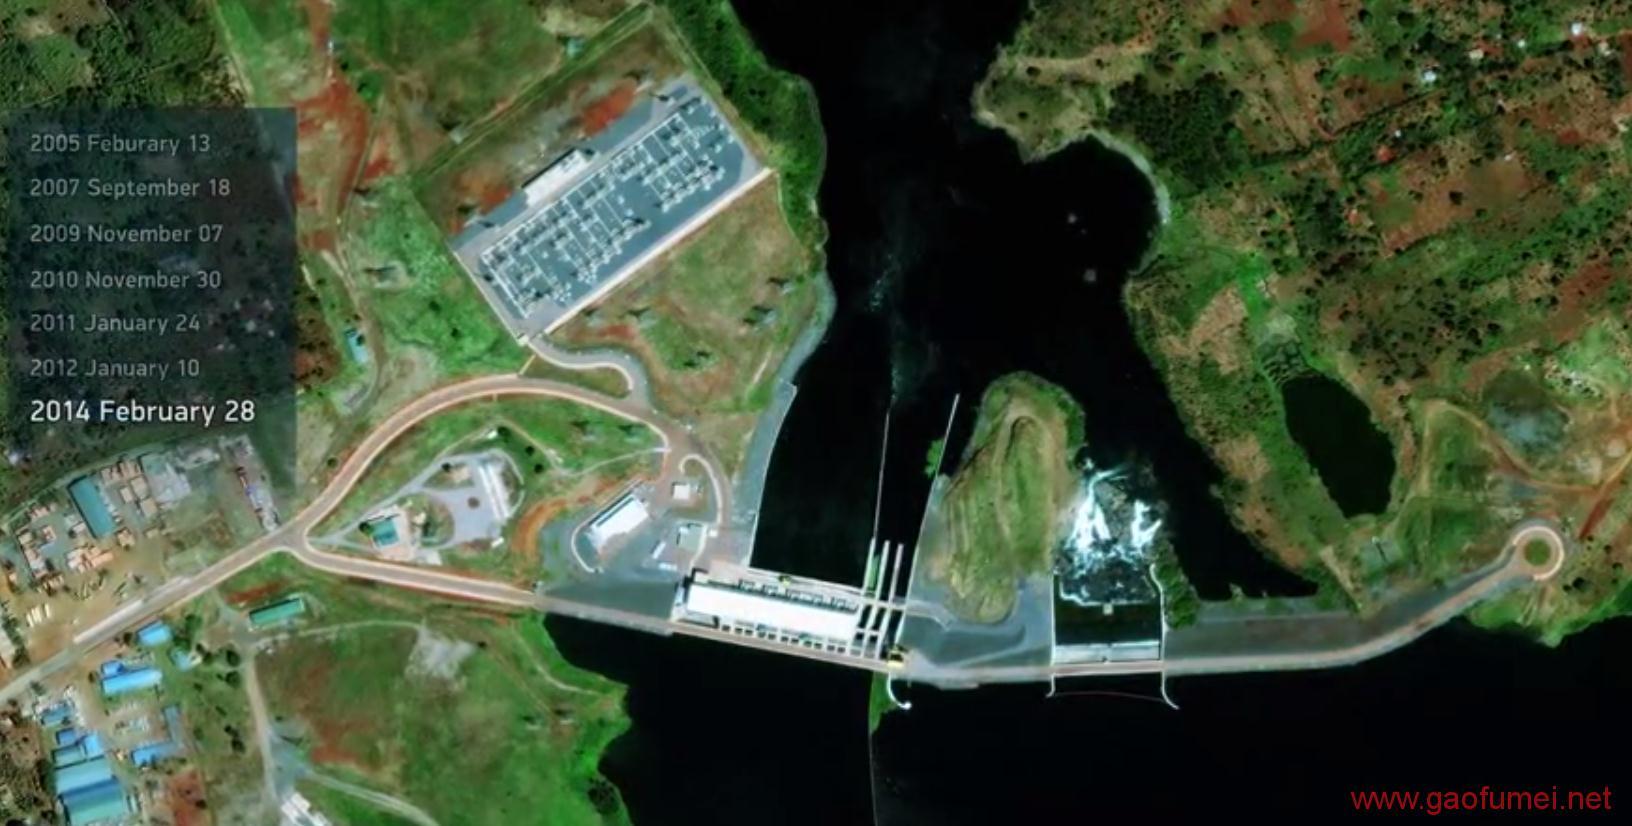 卫星成像公司DigitalGlobe被MacDonald收购为全球用户提供卫星影像服务